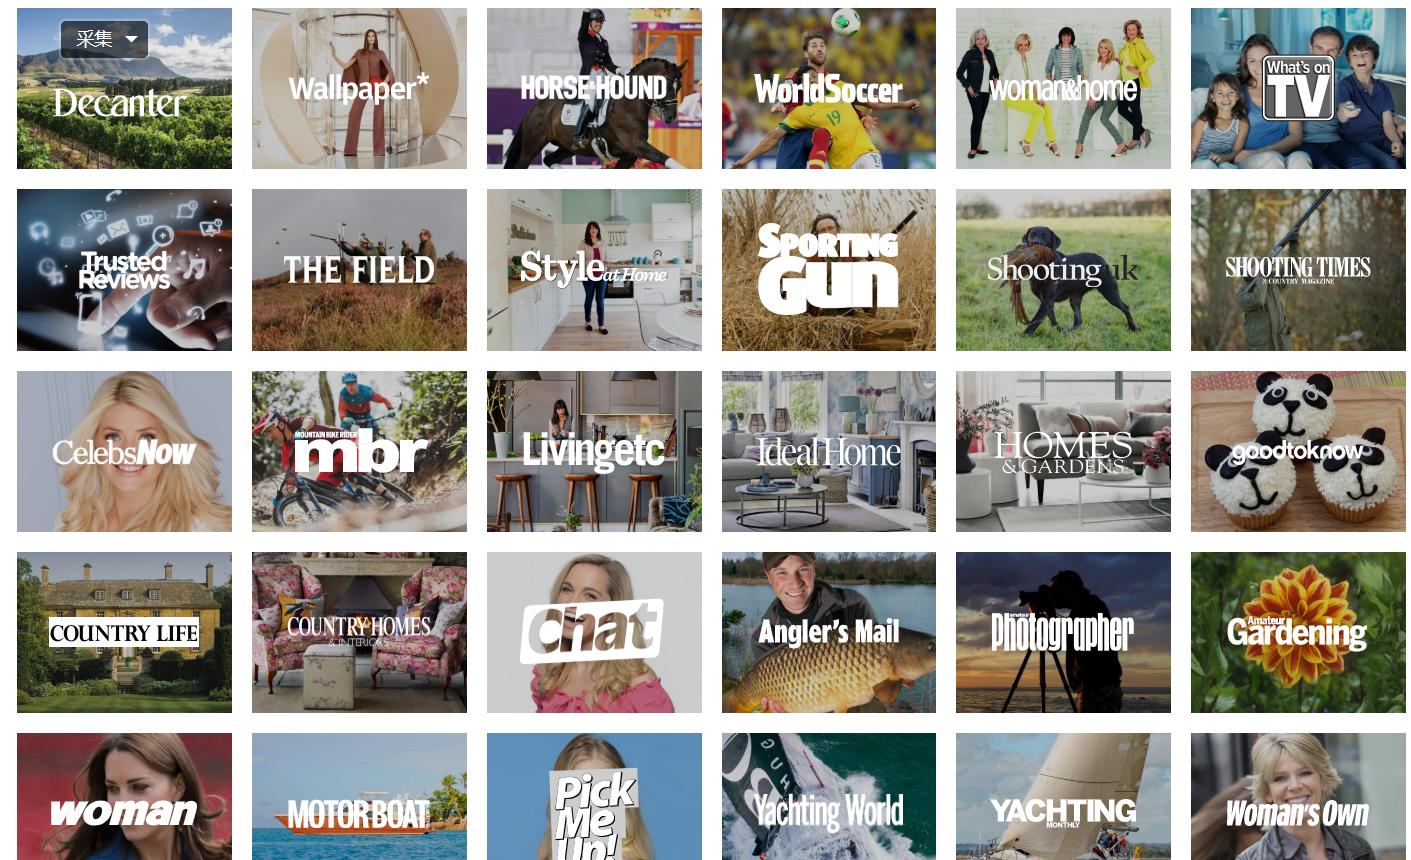 英国媒体集团 Future 斥资1.4亿英镑收购《Wallpaper*》的母公司 TI Media